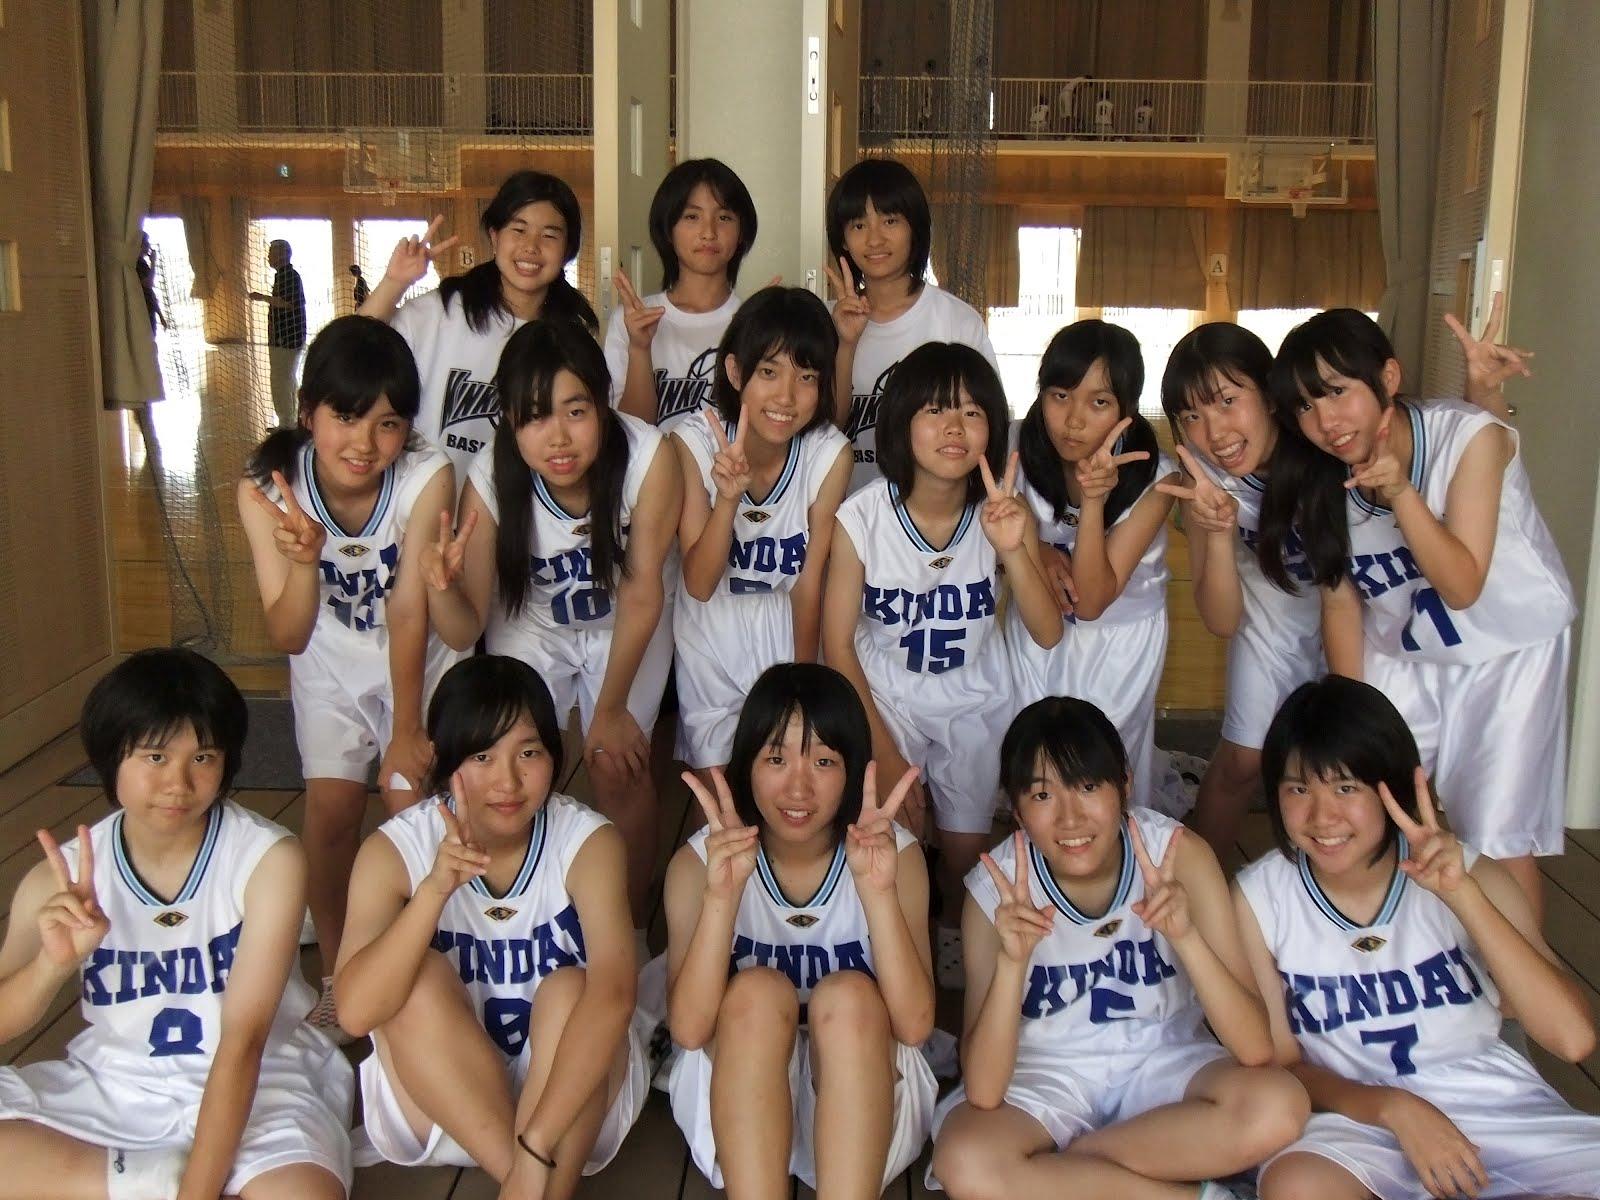 女子小学生 エロ 中学女子バスケ市総体